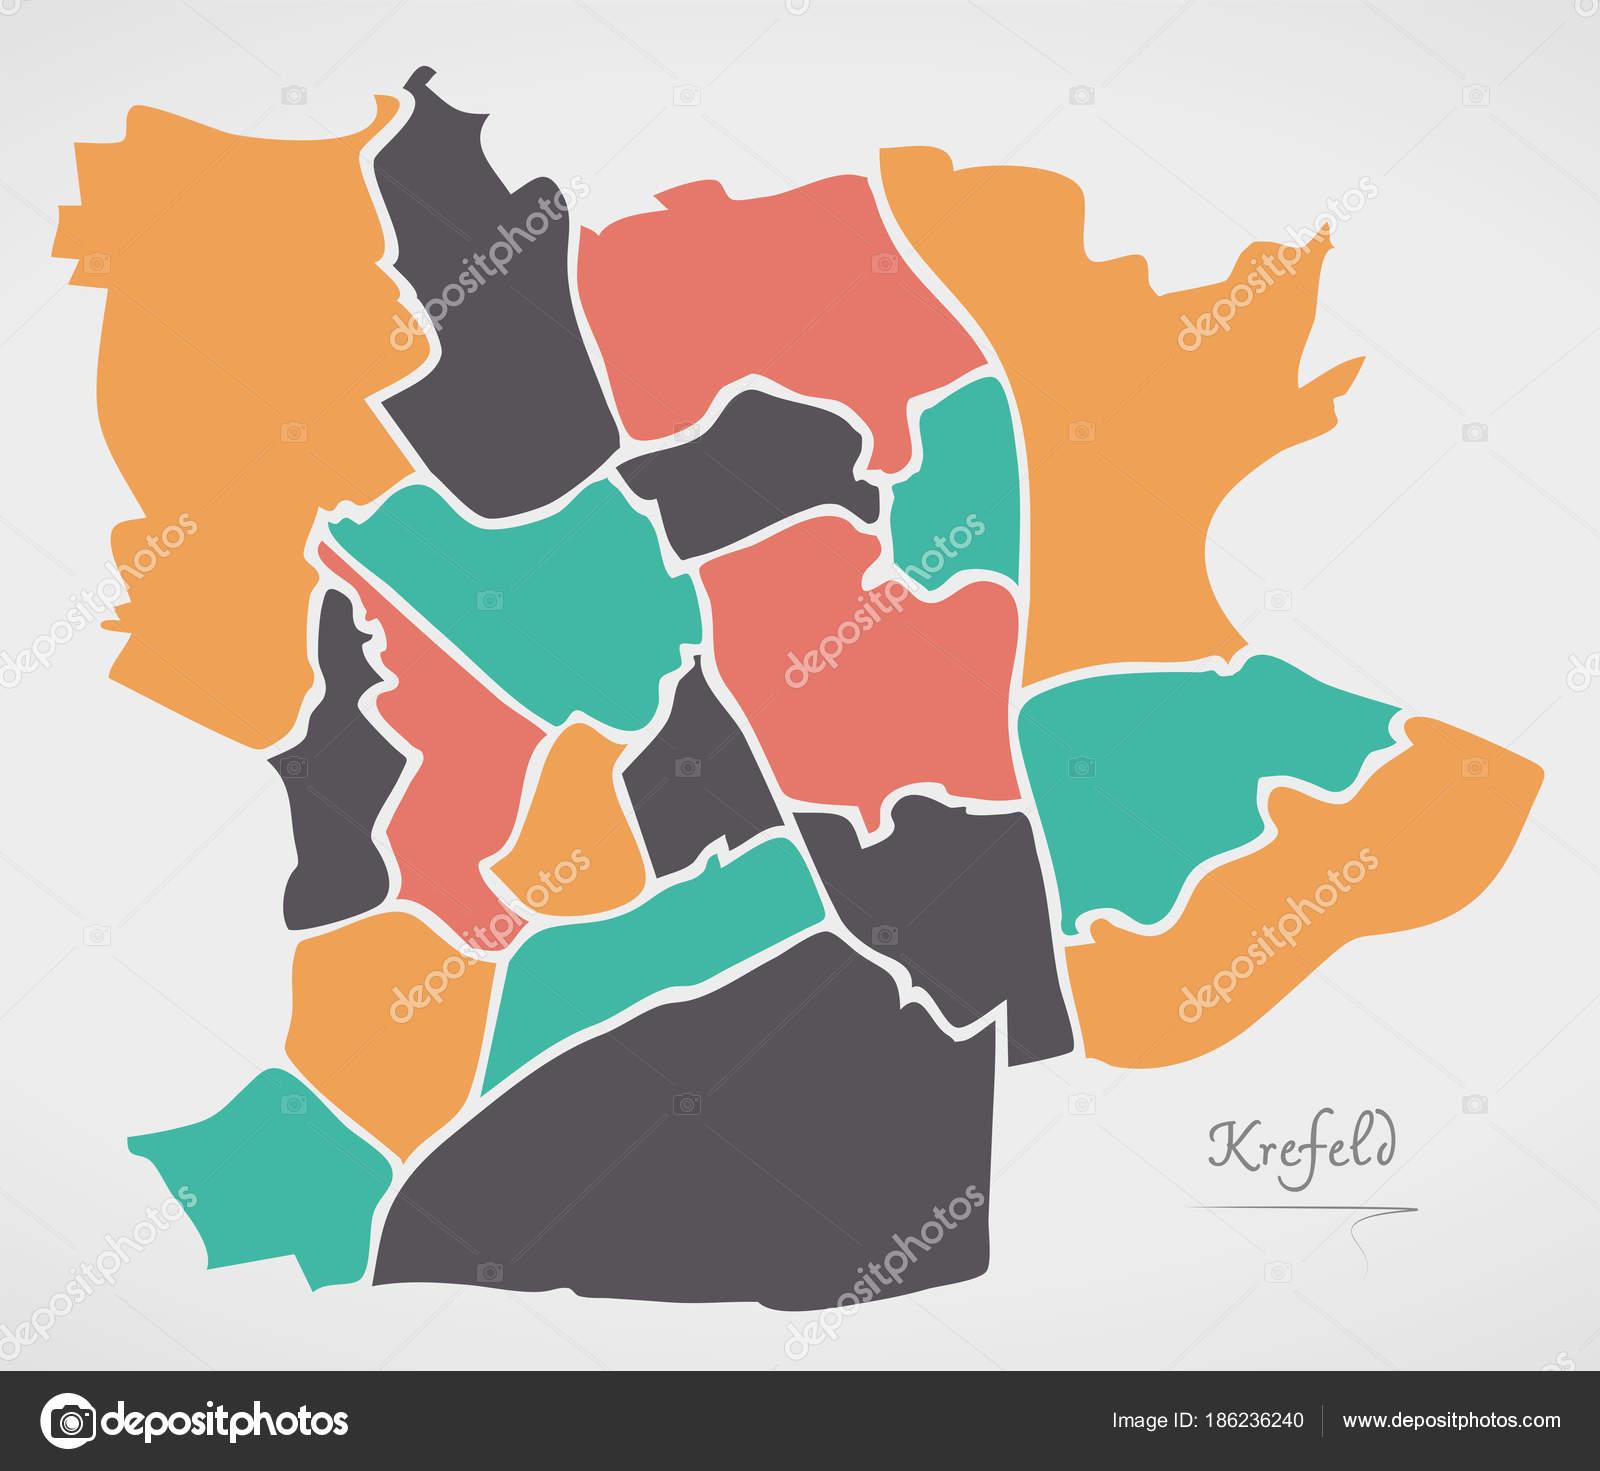 Krefeld Karte.Krefeld Karte Mit Stadtbezirken Und Moderne Runde Formen